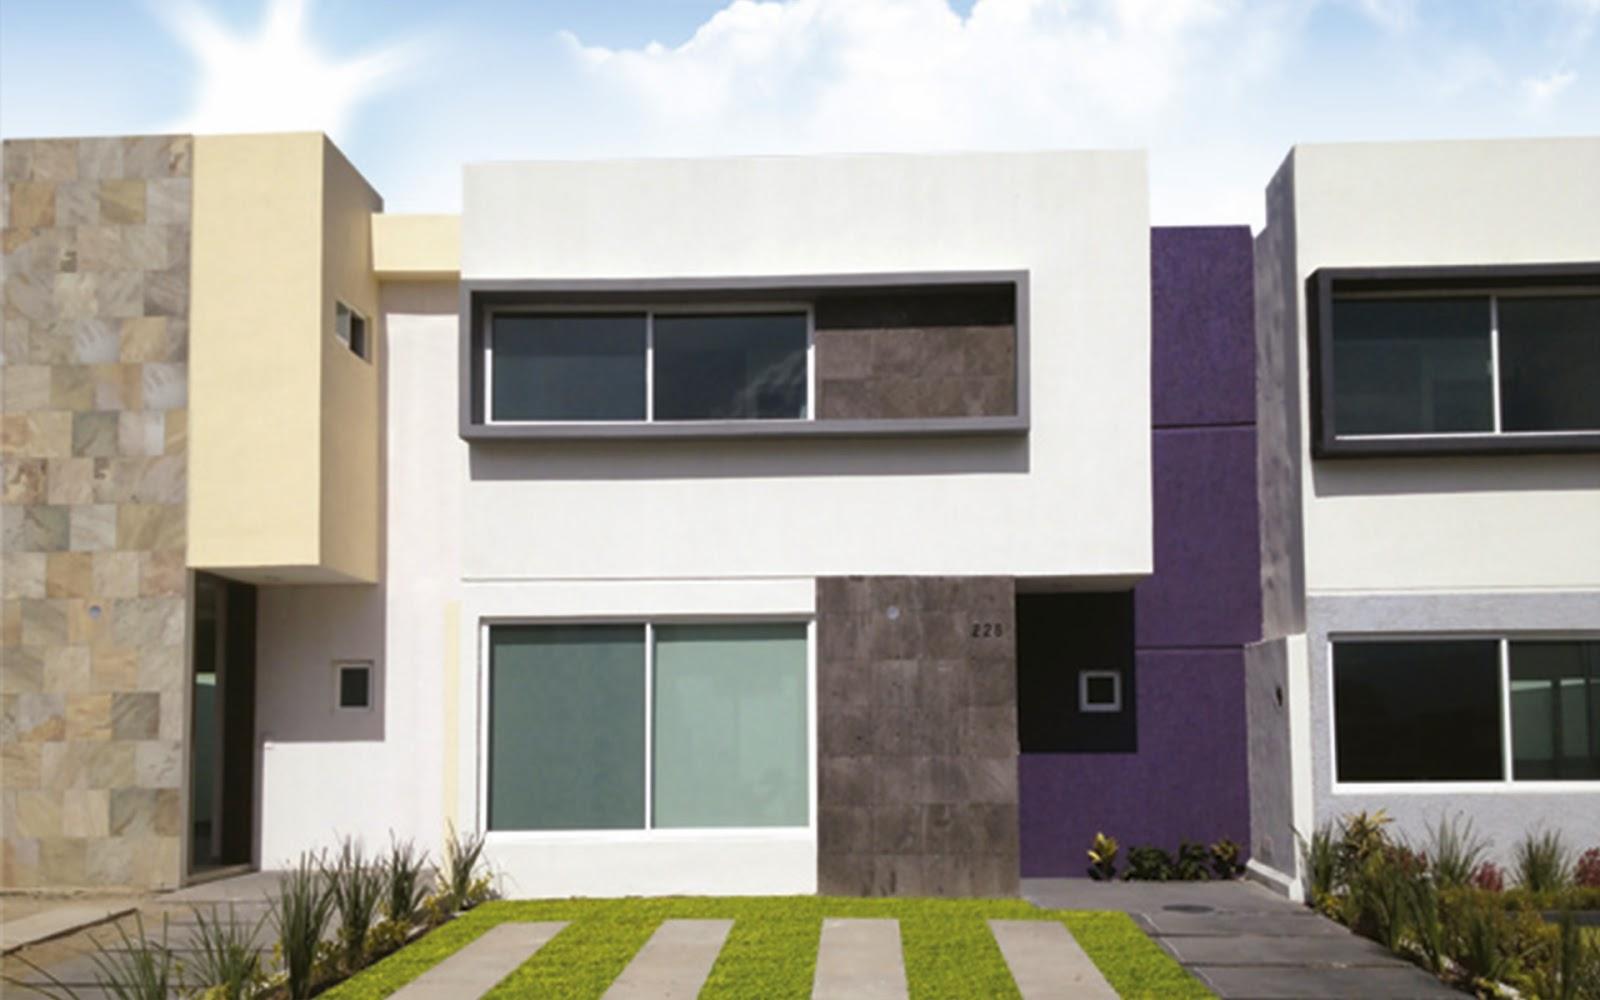 Fachadas minimalistas enero 2014 for Fachada de casas